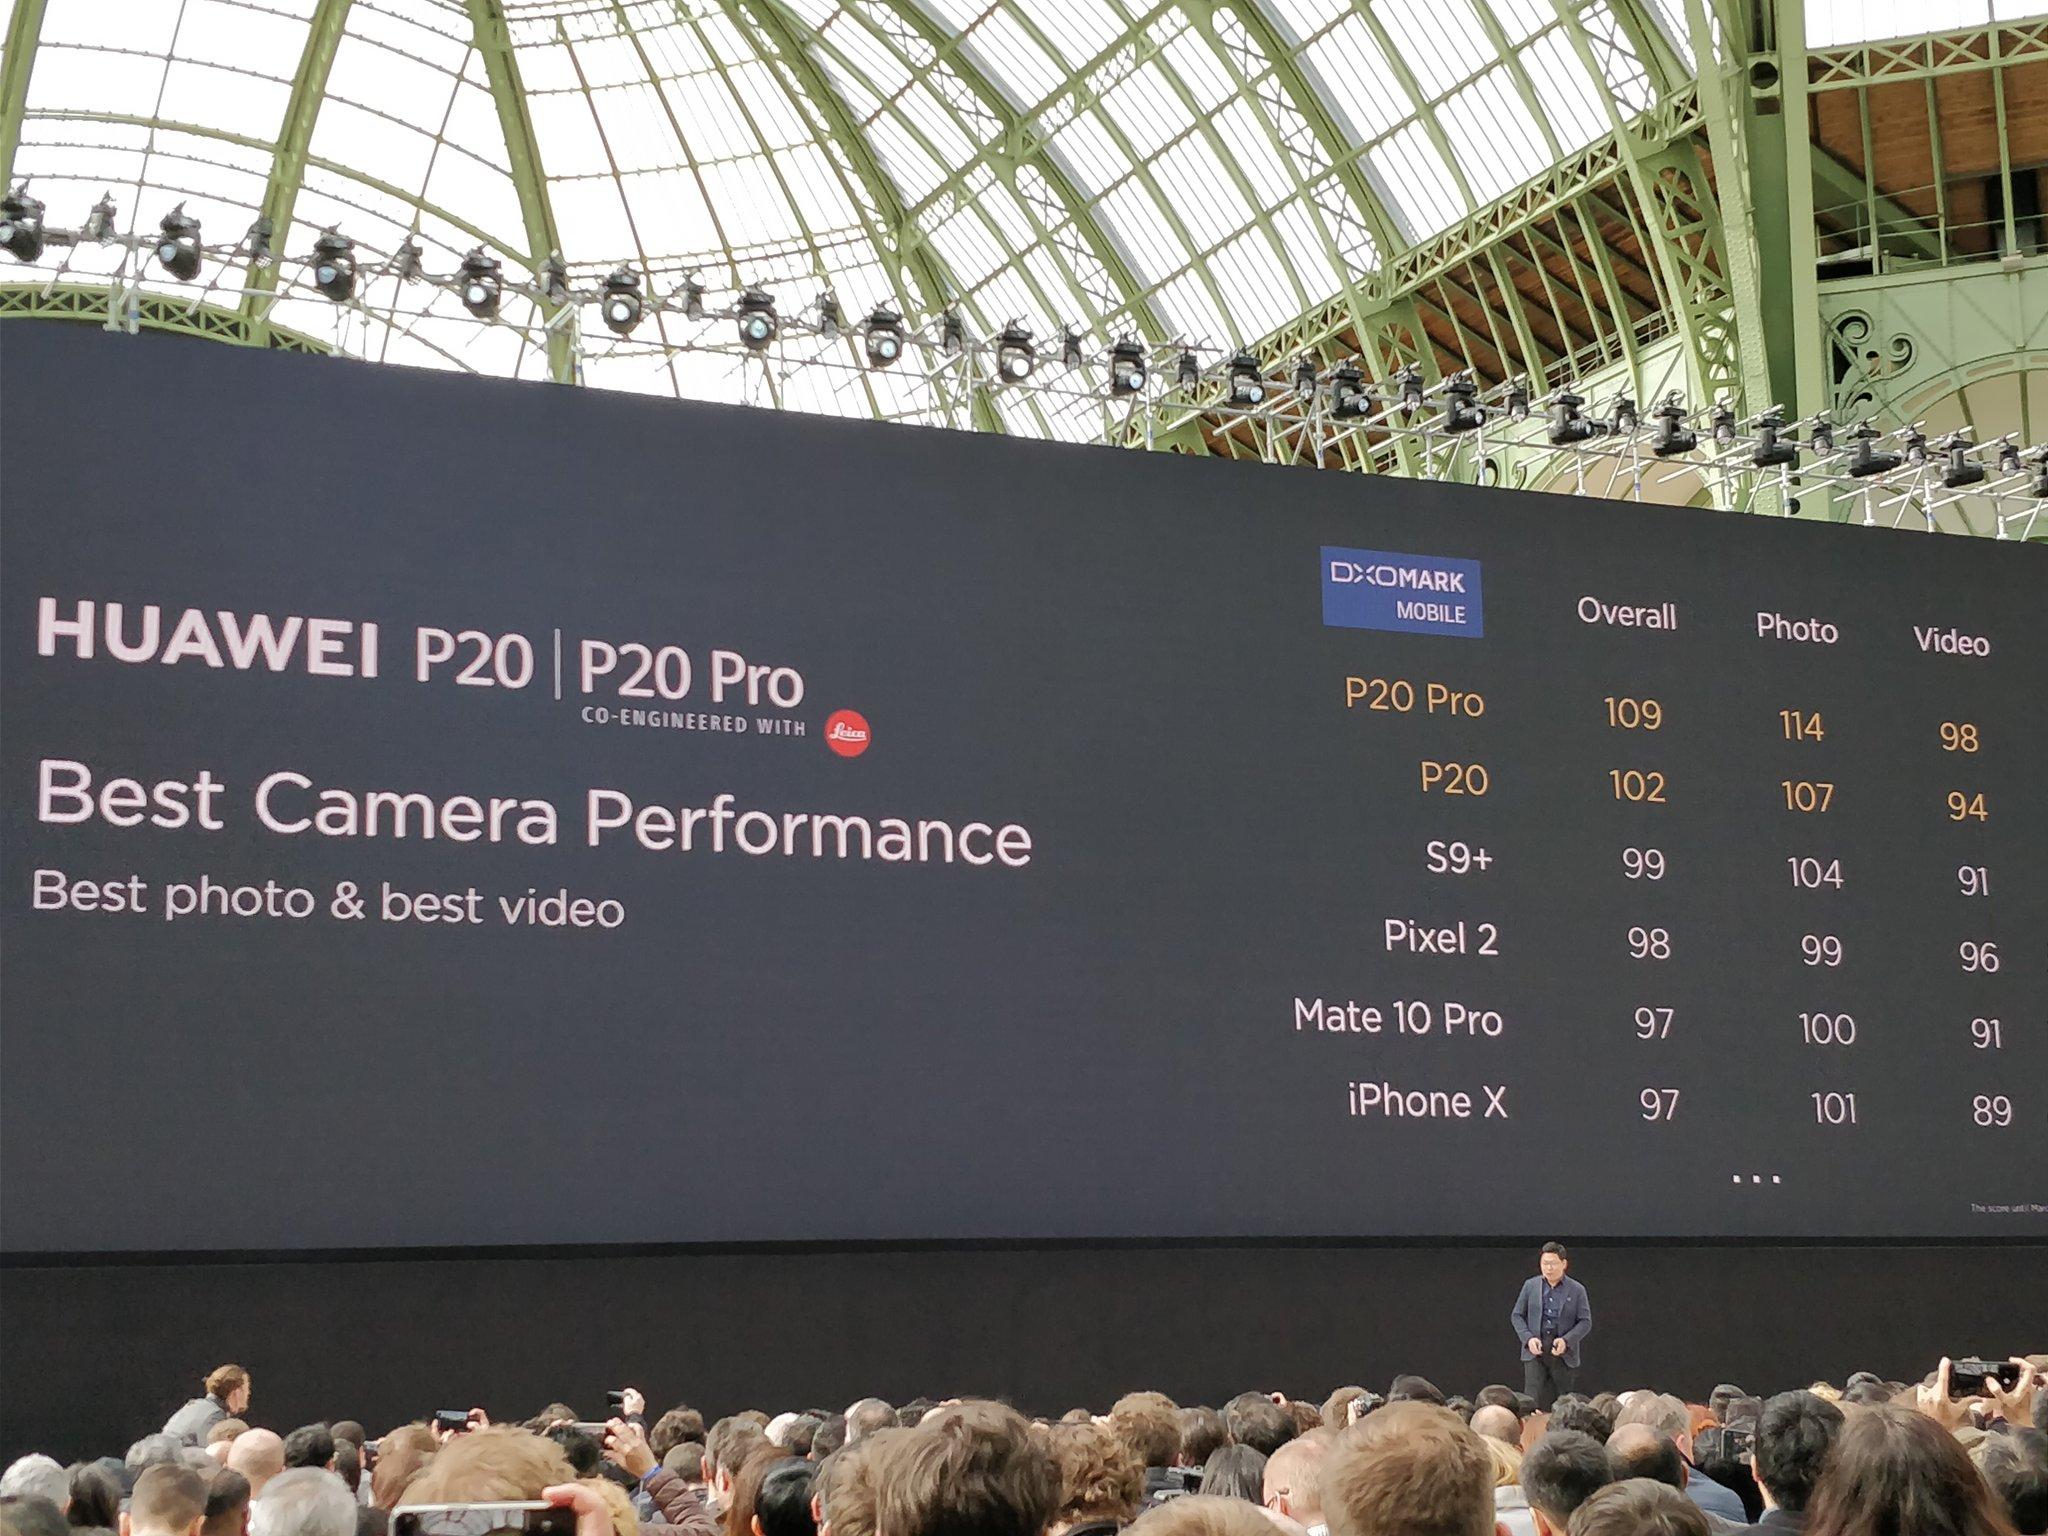 Huawei P20 Pro : 2 générations d'avance en photo sur la concurrence selon DxOMark